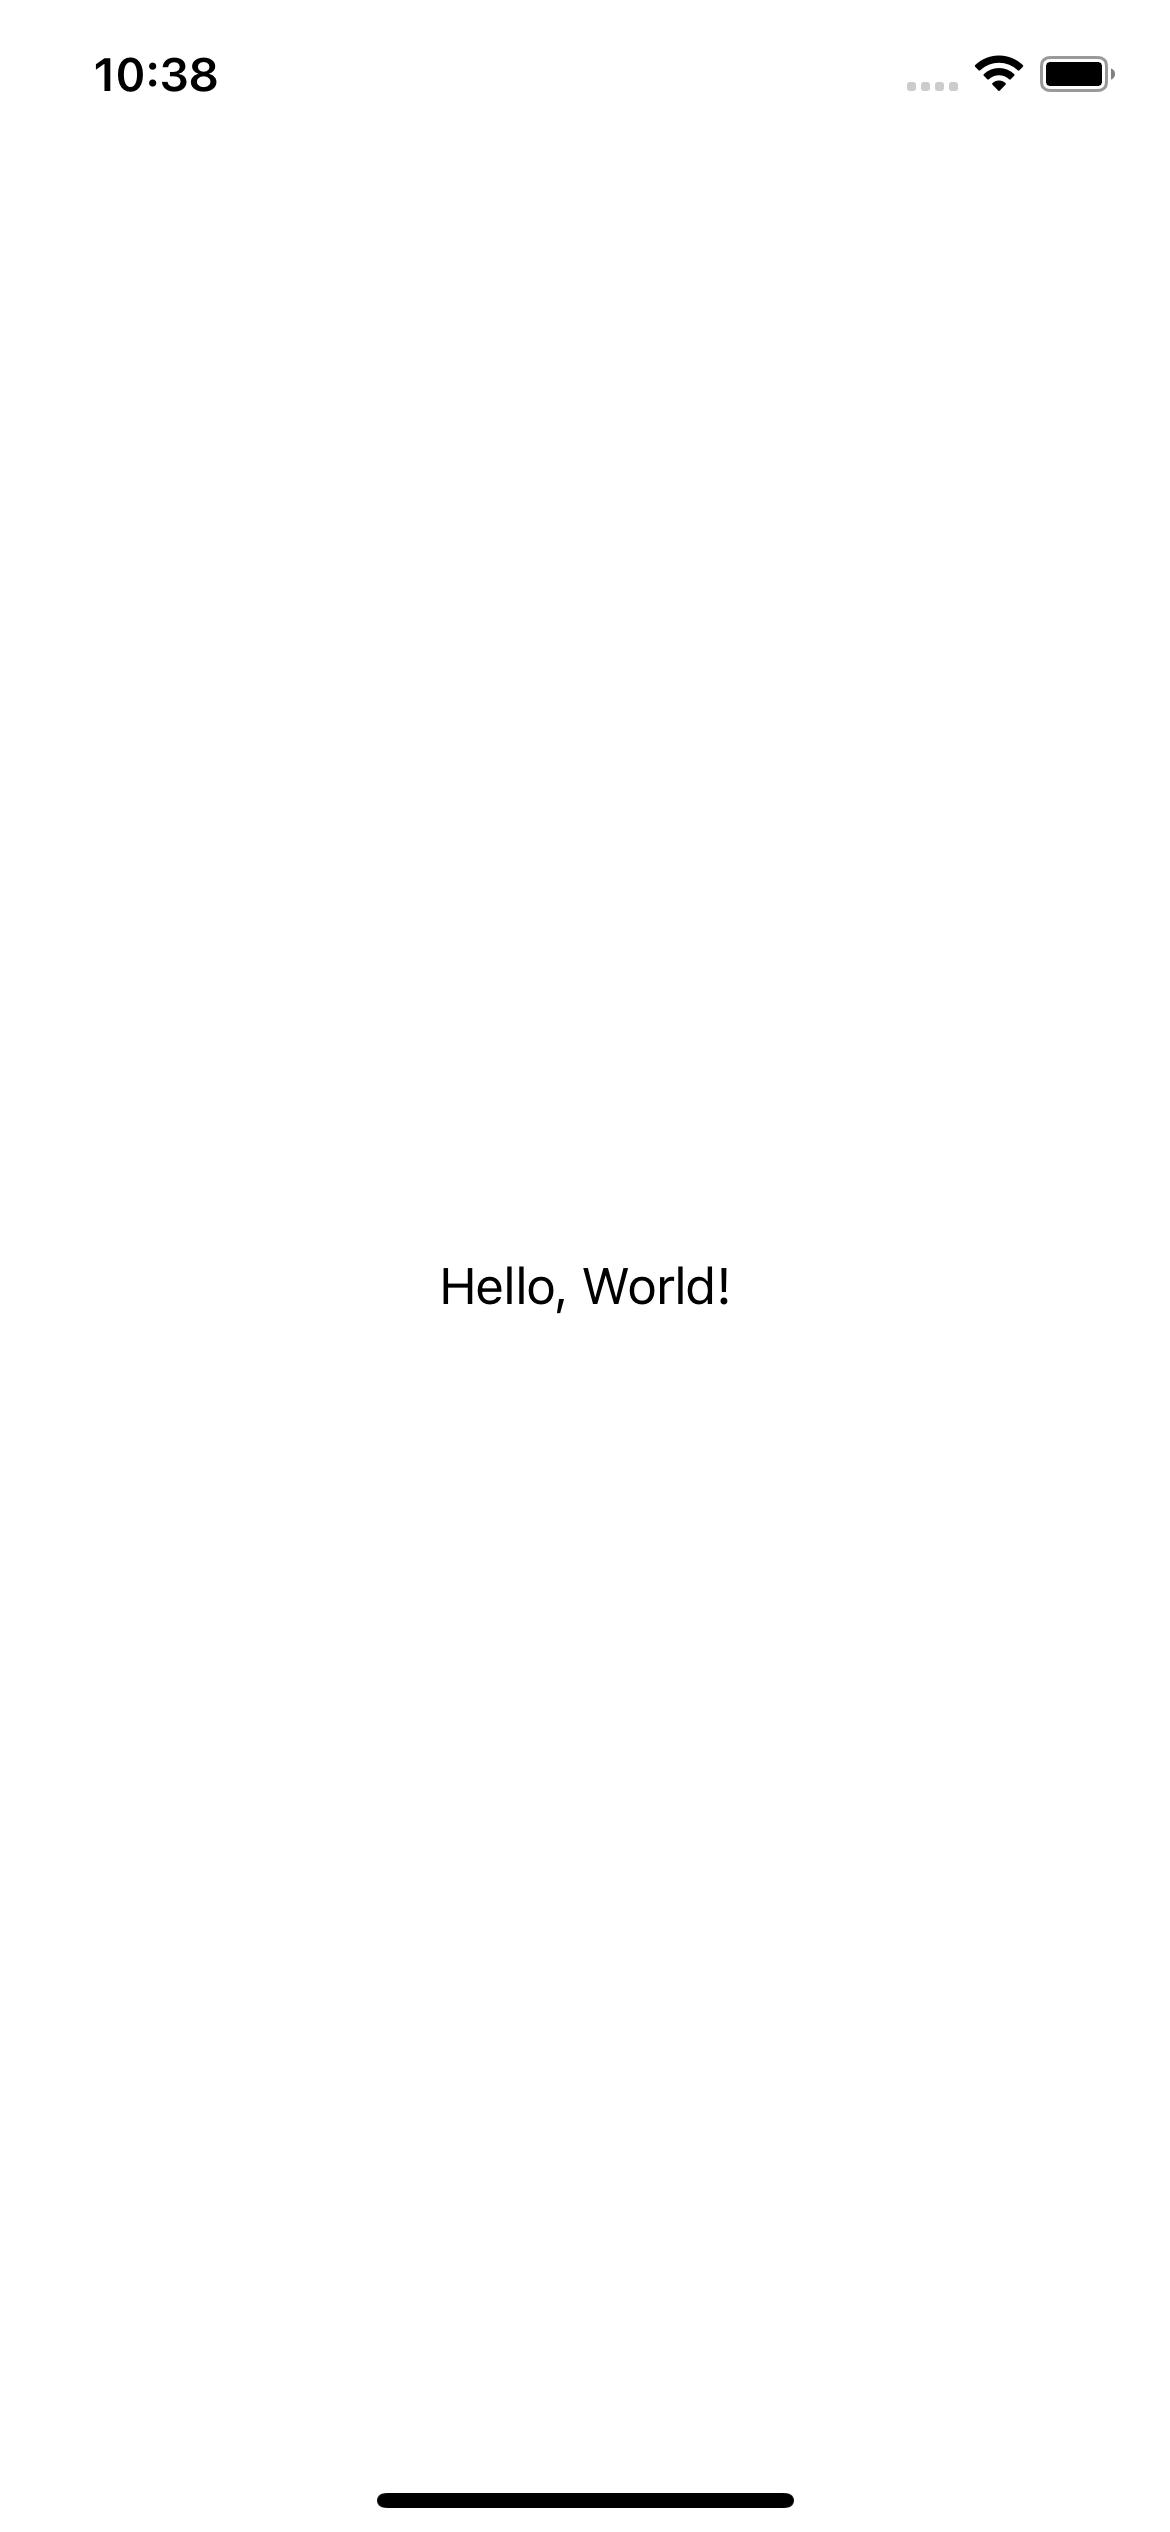 Hello, World